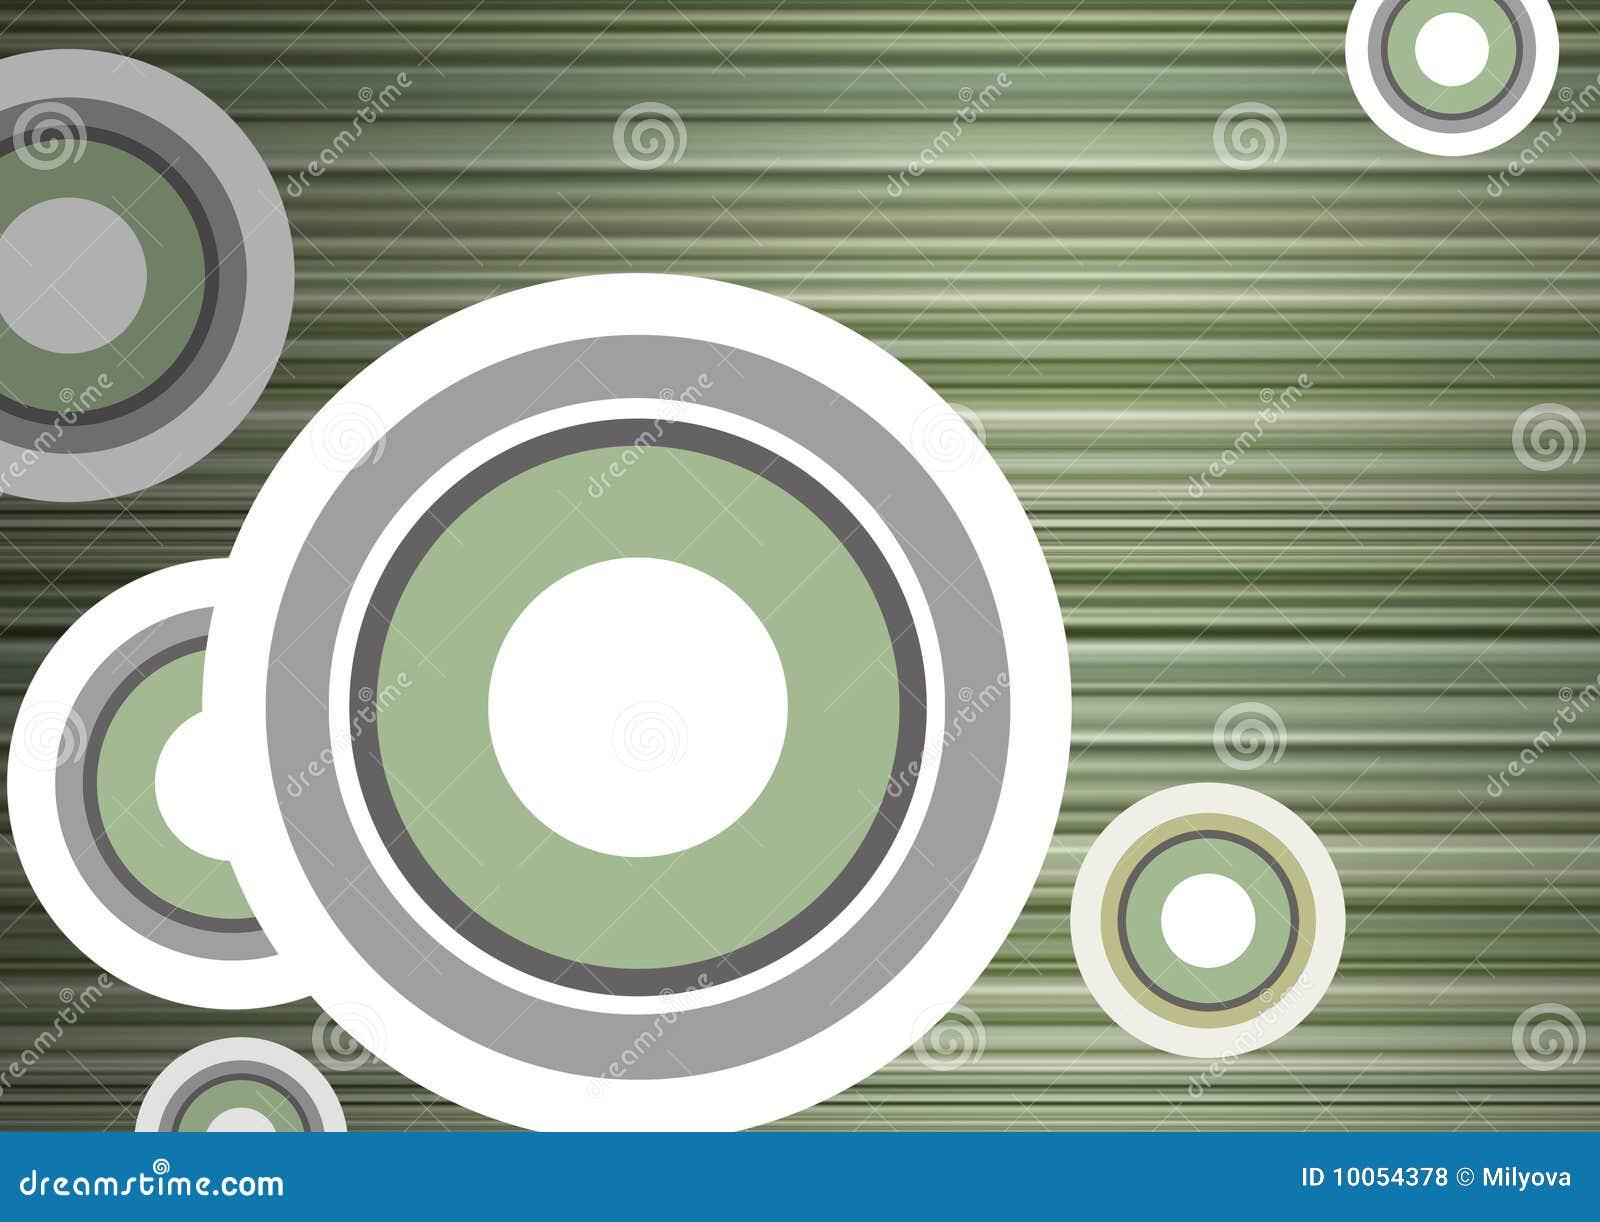 Espaço em branco com tiras e círculos